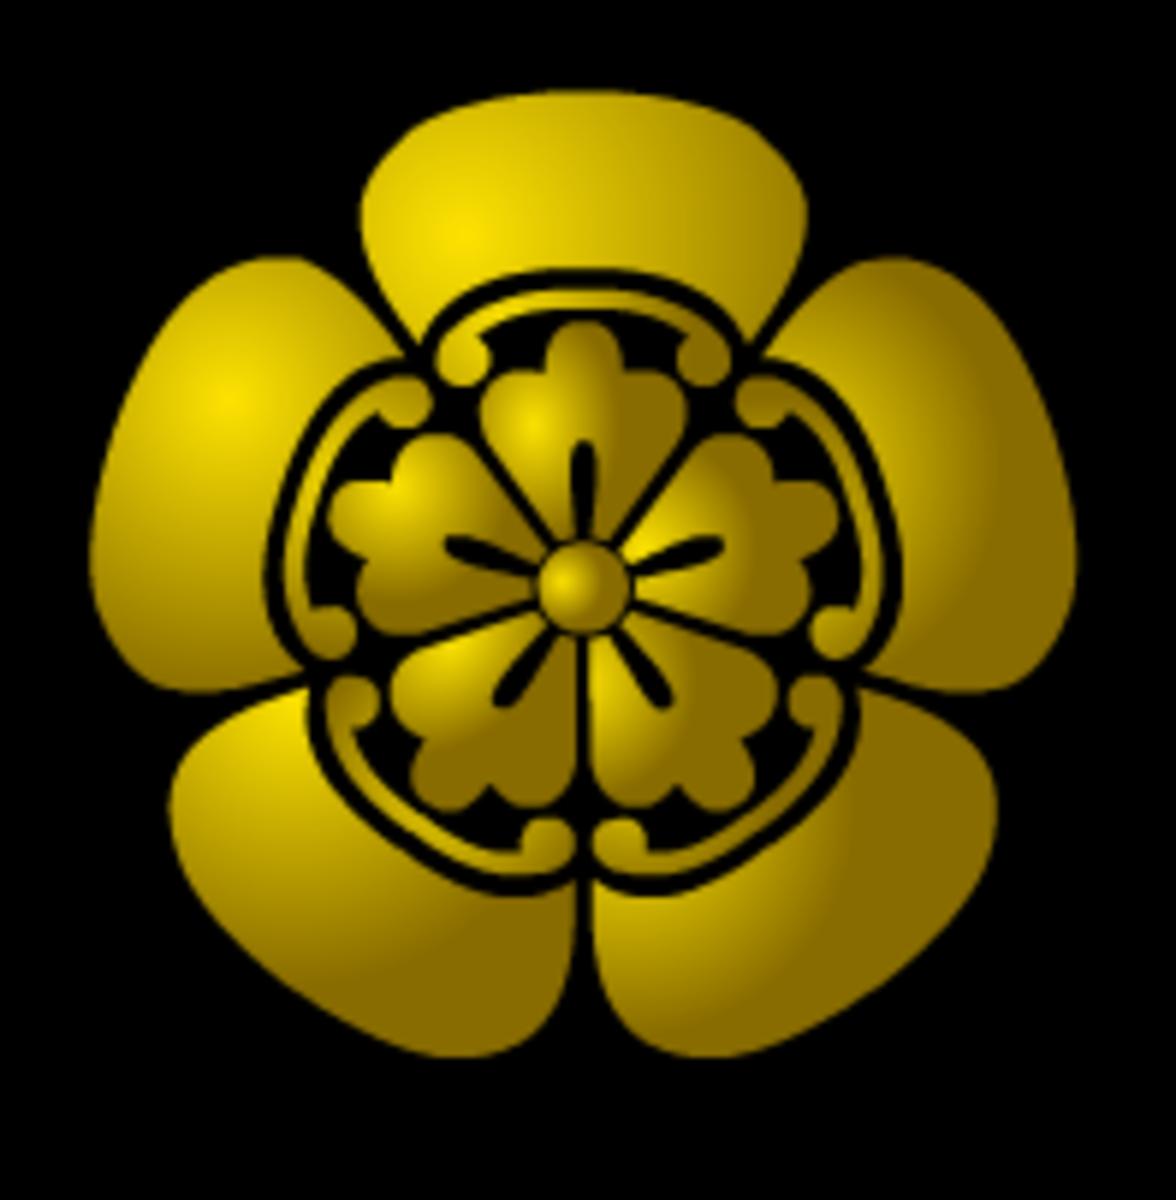 The Oda Clan symbol by Alex K